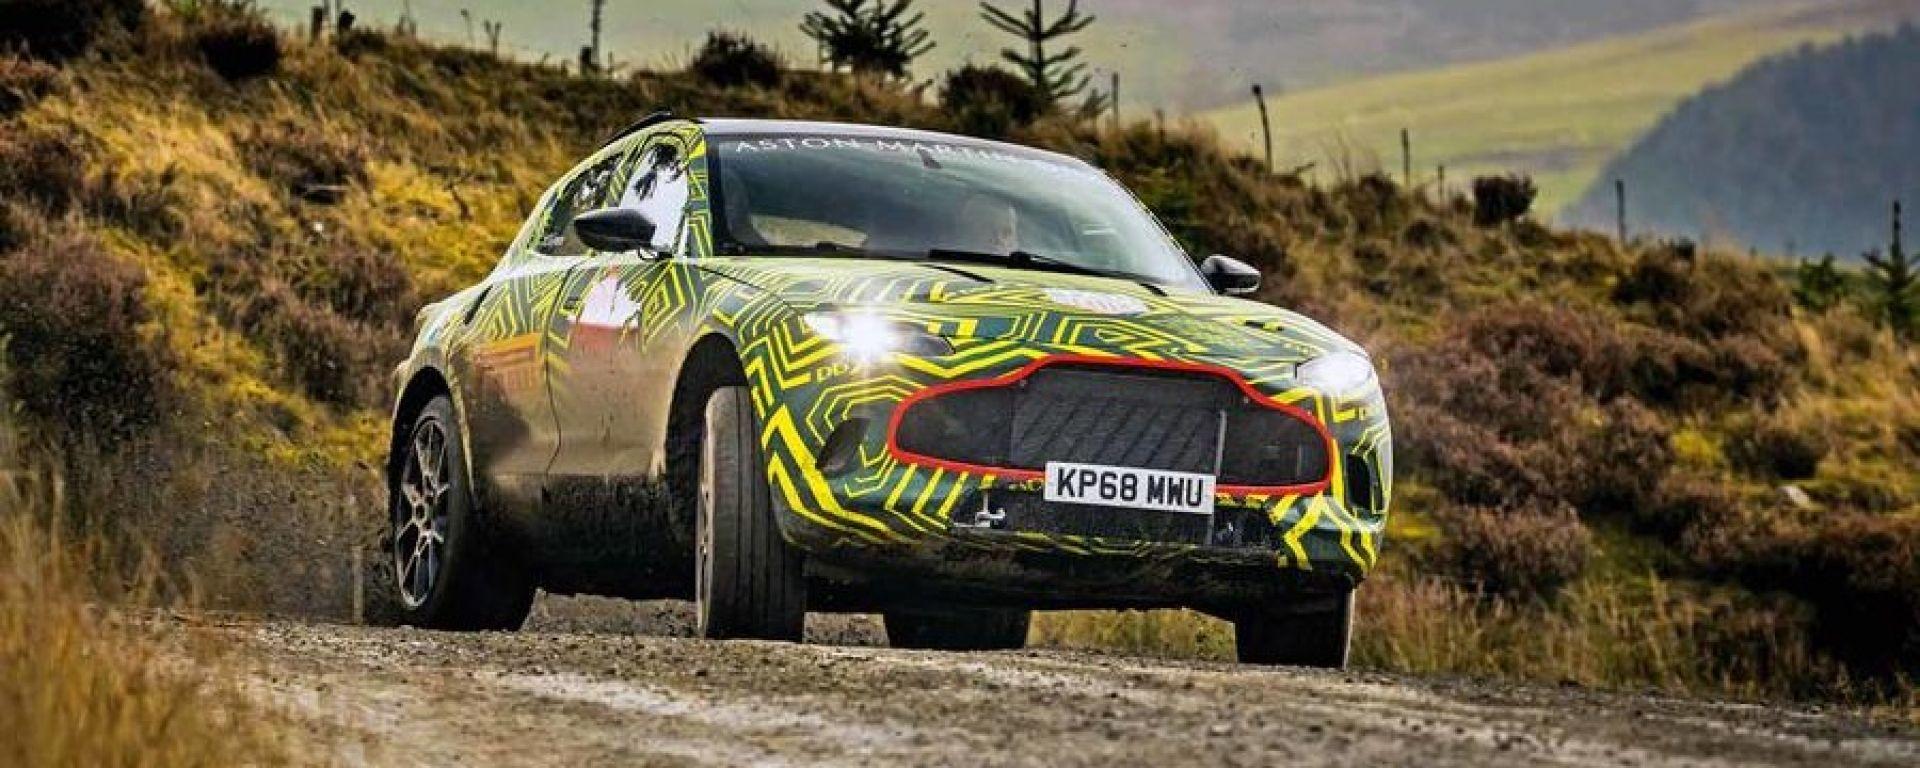 Aston Martin DBX: i test su strada prima del lancio nel 2019